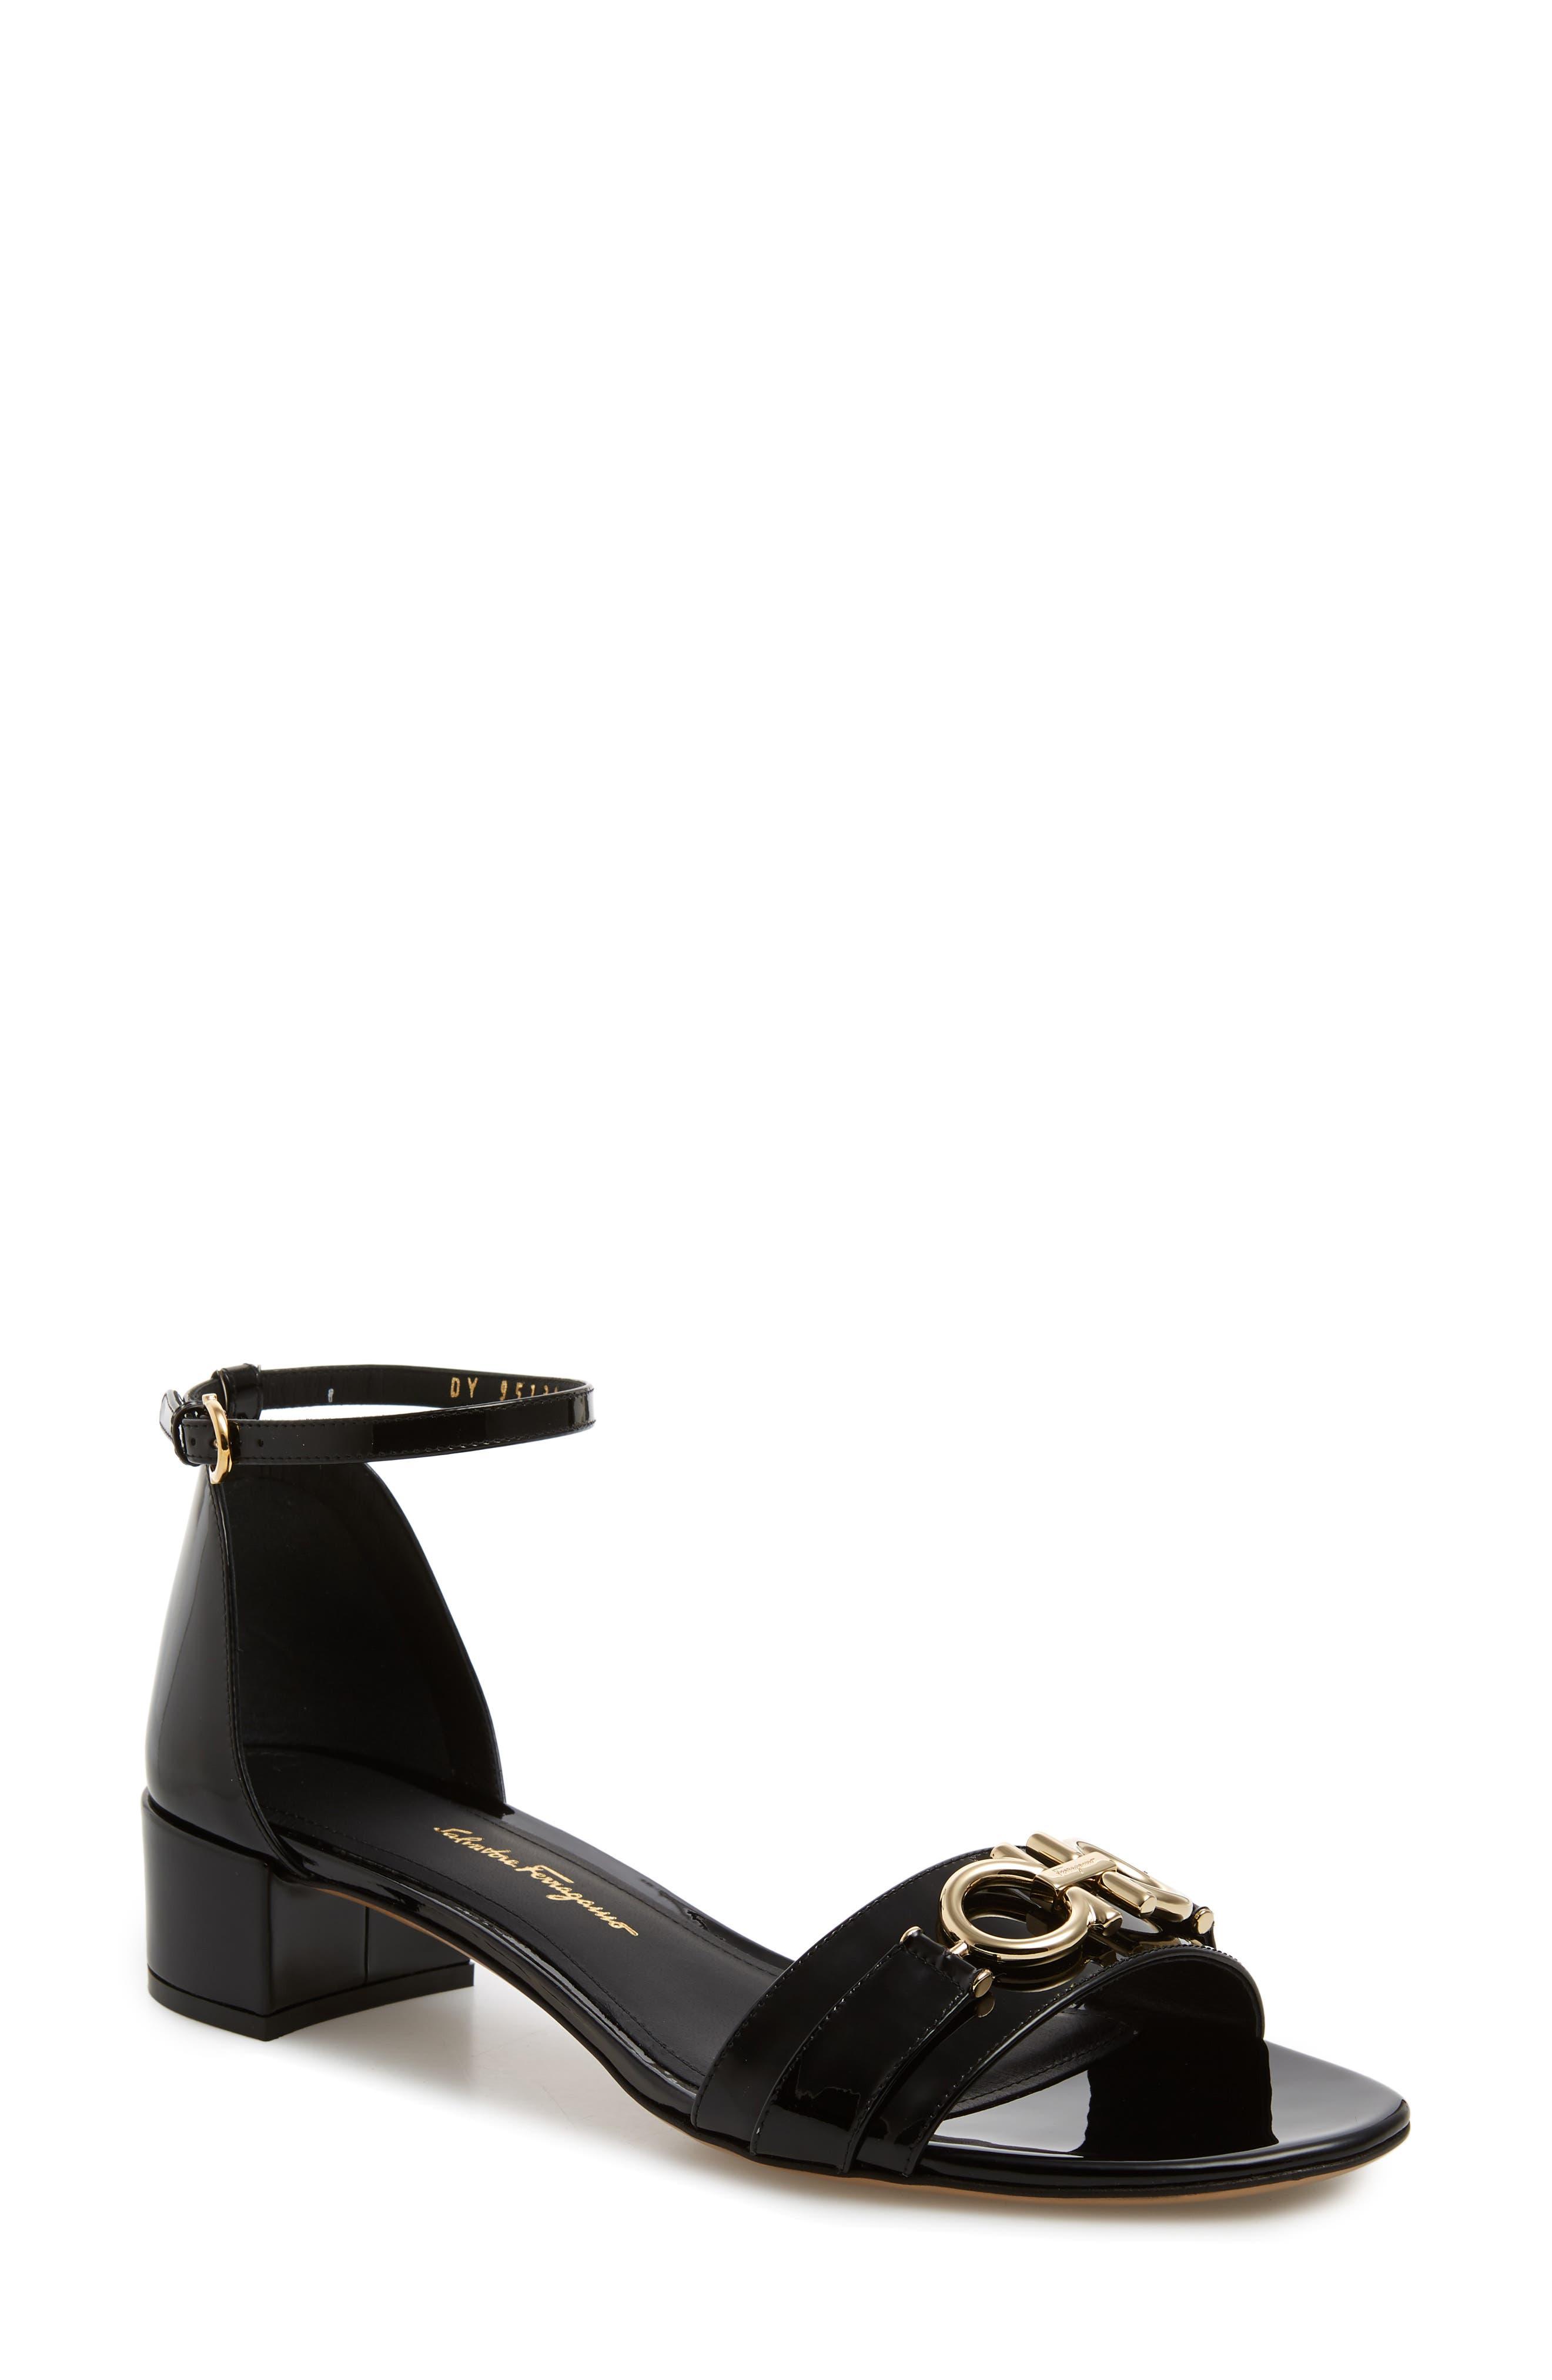 Como Gancini Sandal by Salvatore Ferragamo